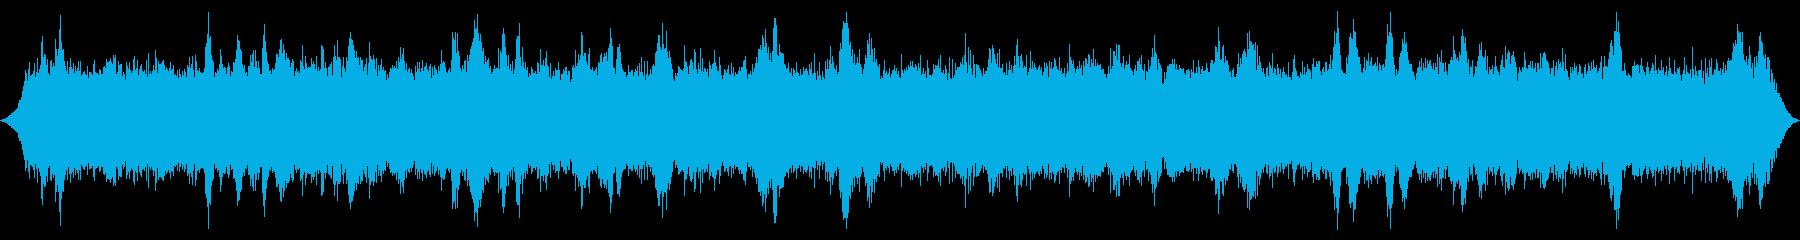 ヘビーガスティストームまたはフォレ...の再生済みの波形